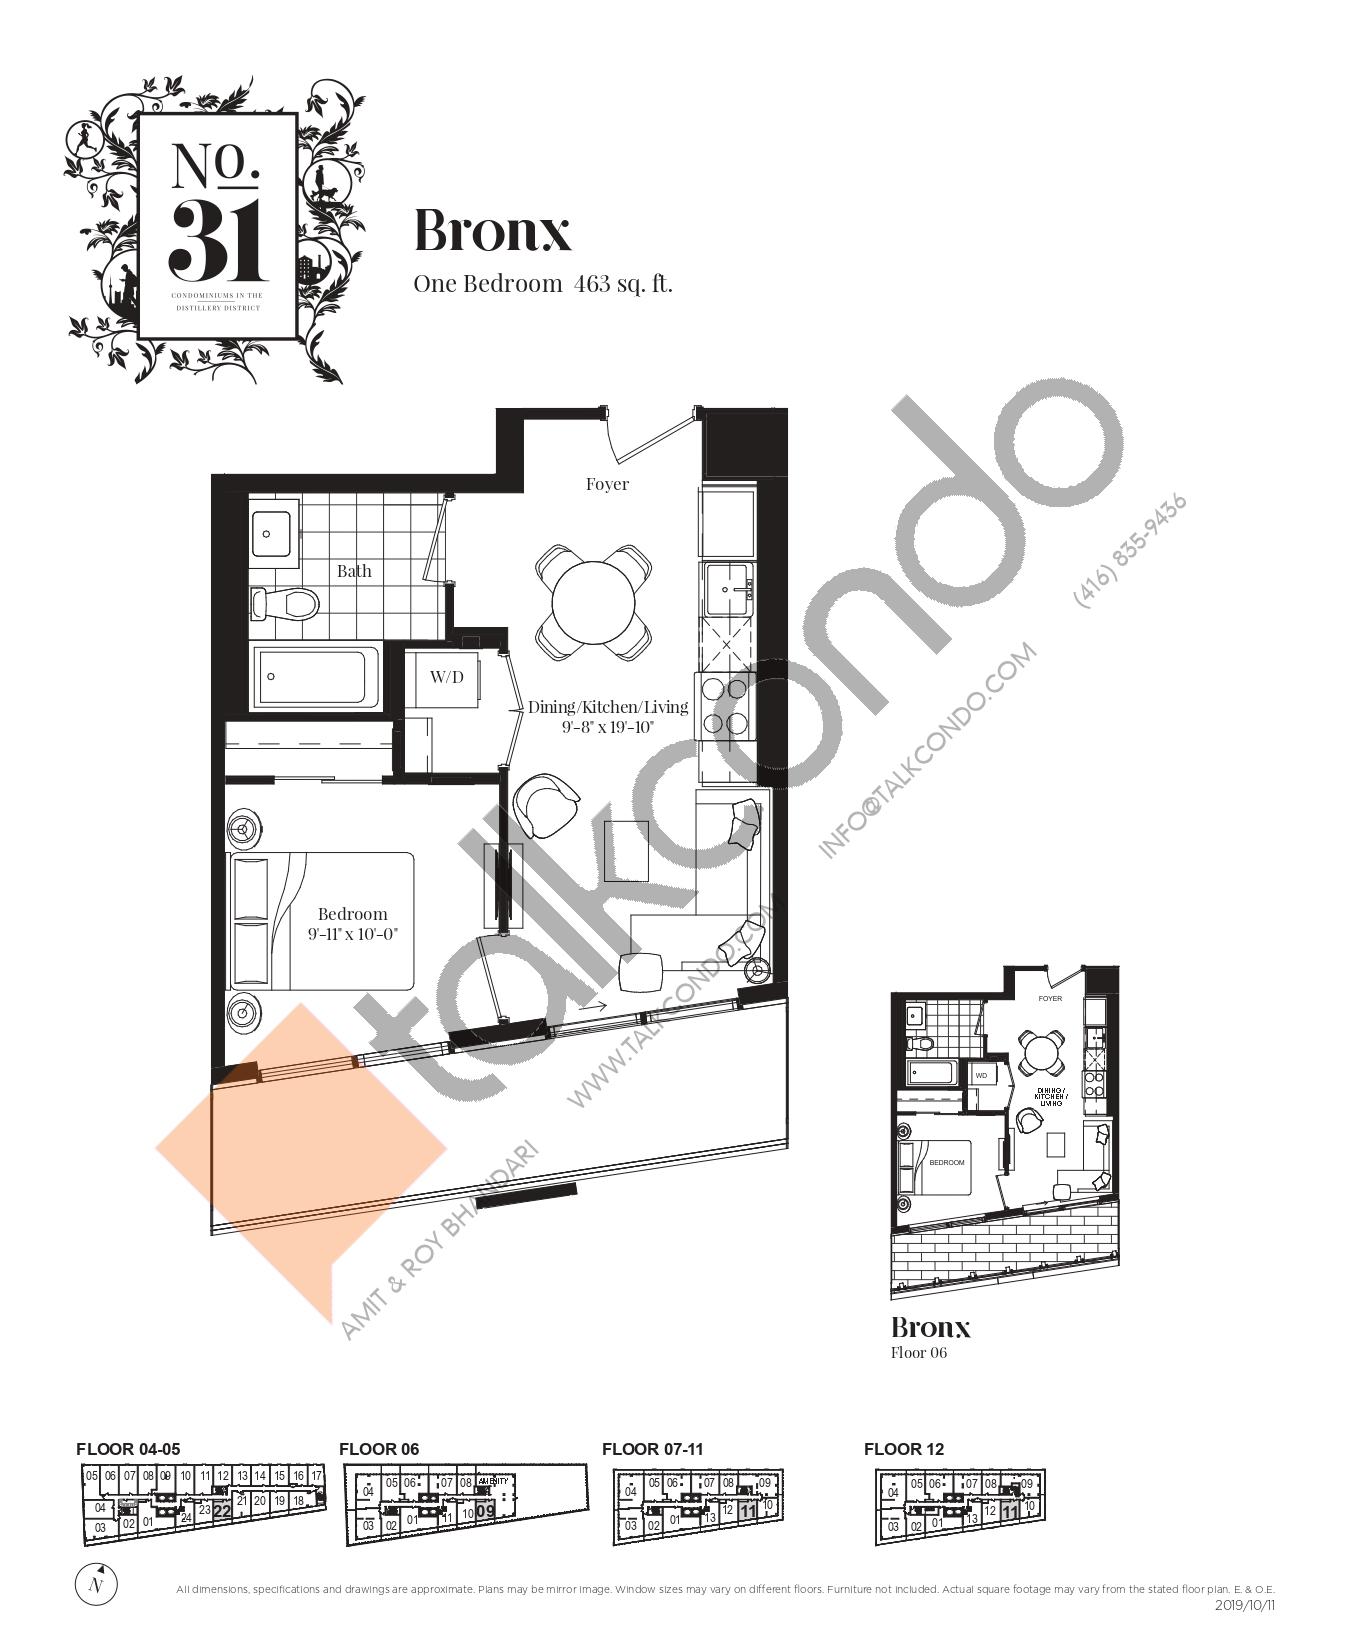 Bronx Floor Plan at No. 31 Condos - 463 sq.ft